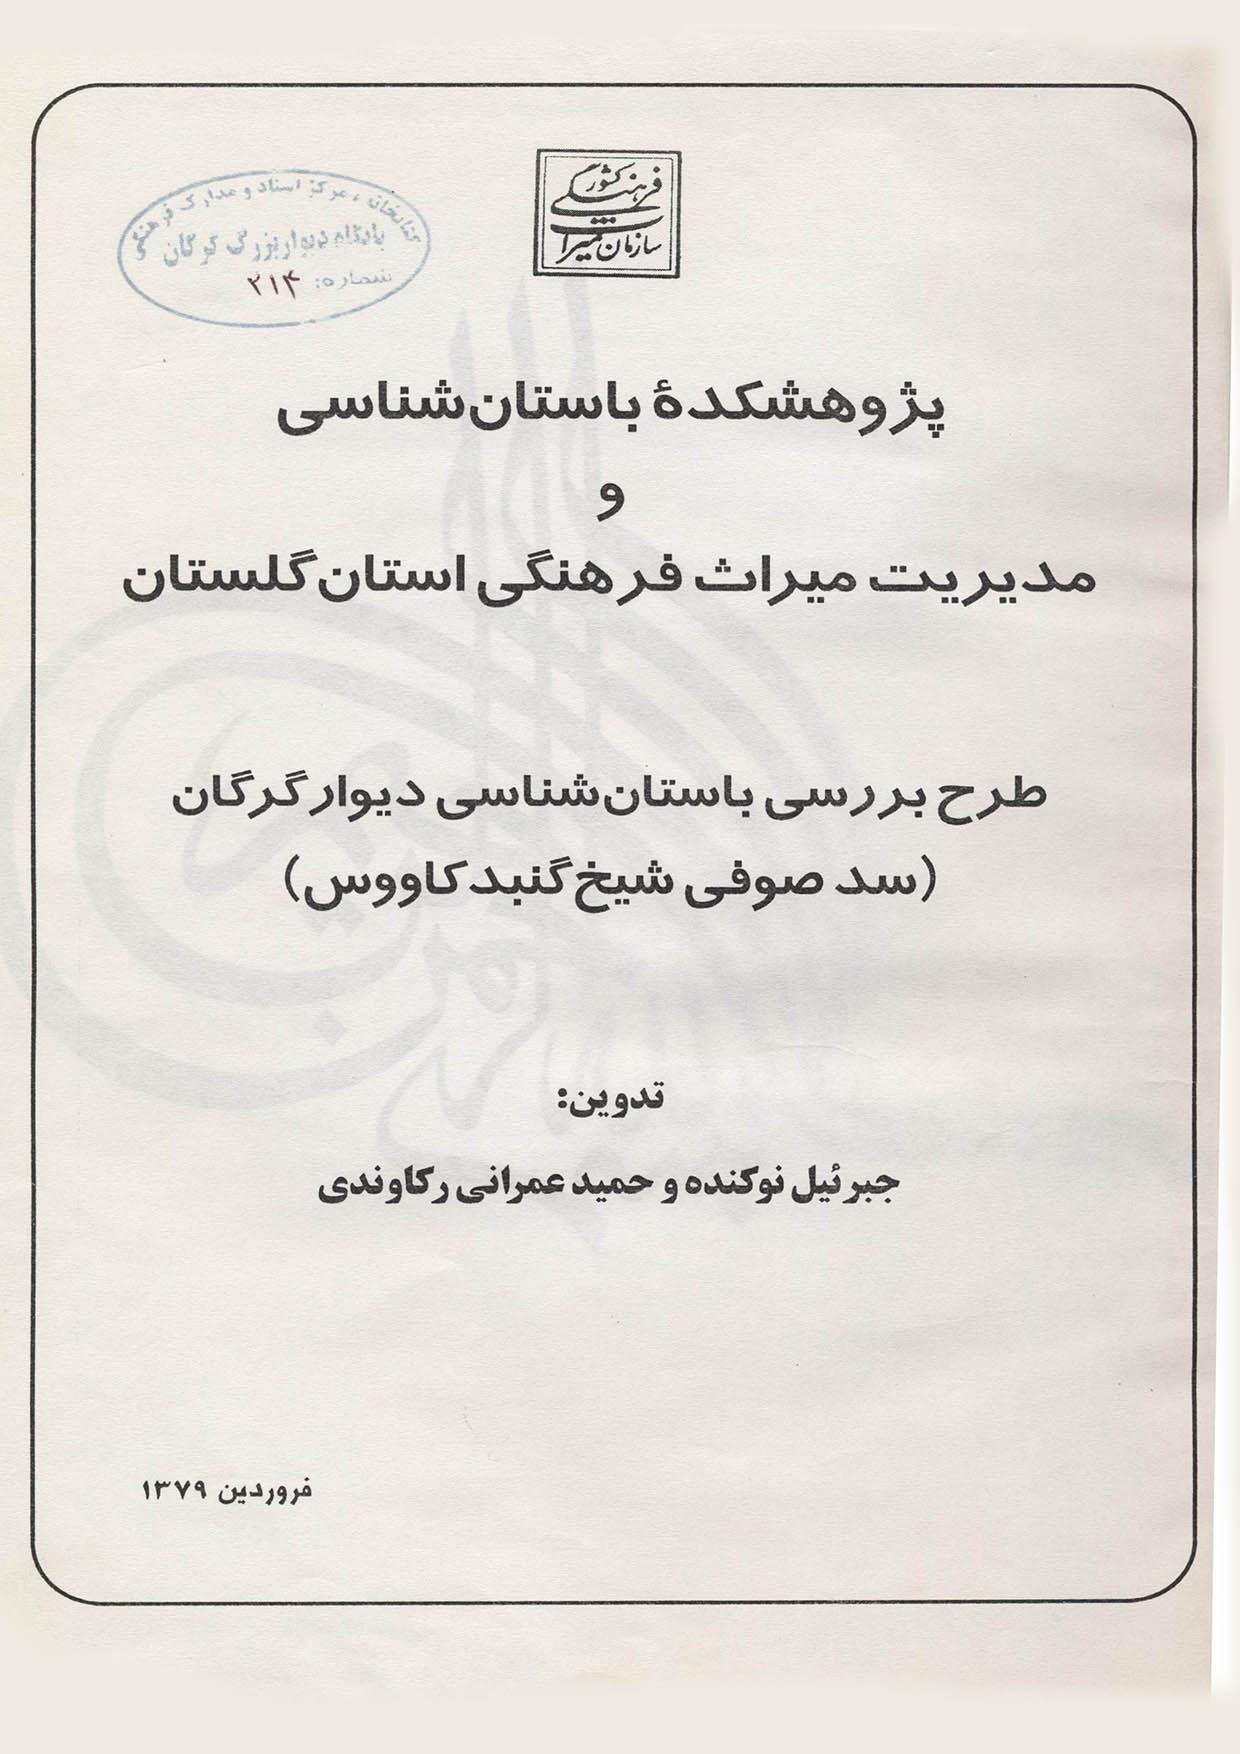 طرح بررسی باستانشناسی دیوار گرگان - سد صوفی شیخ گنبد کاووس  1379